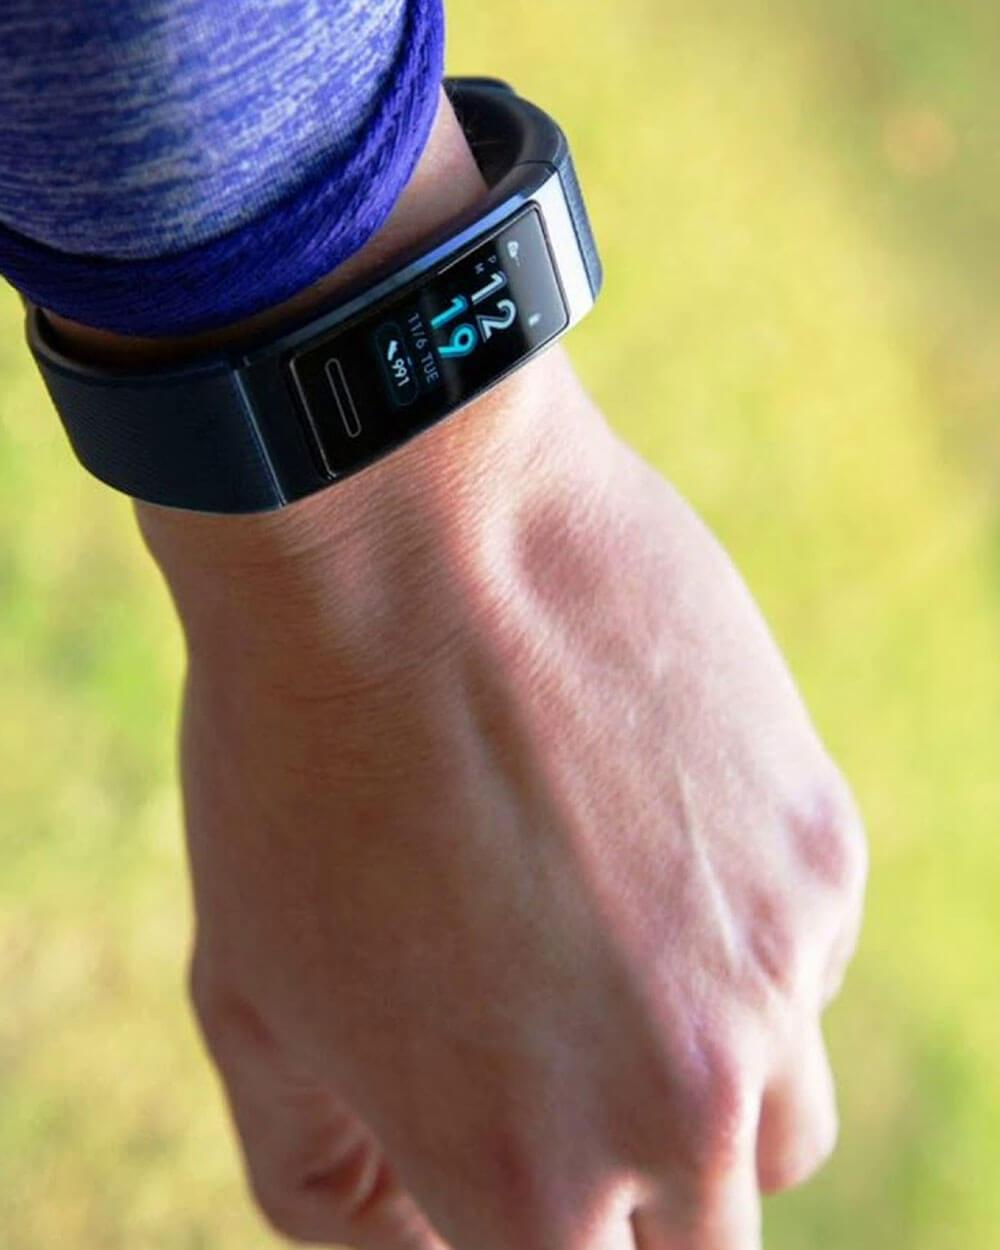 Huawei Band 3 Pro fitness tracker